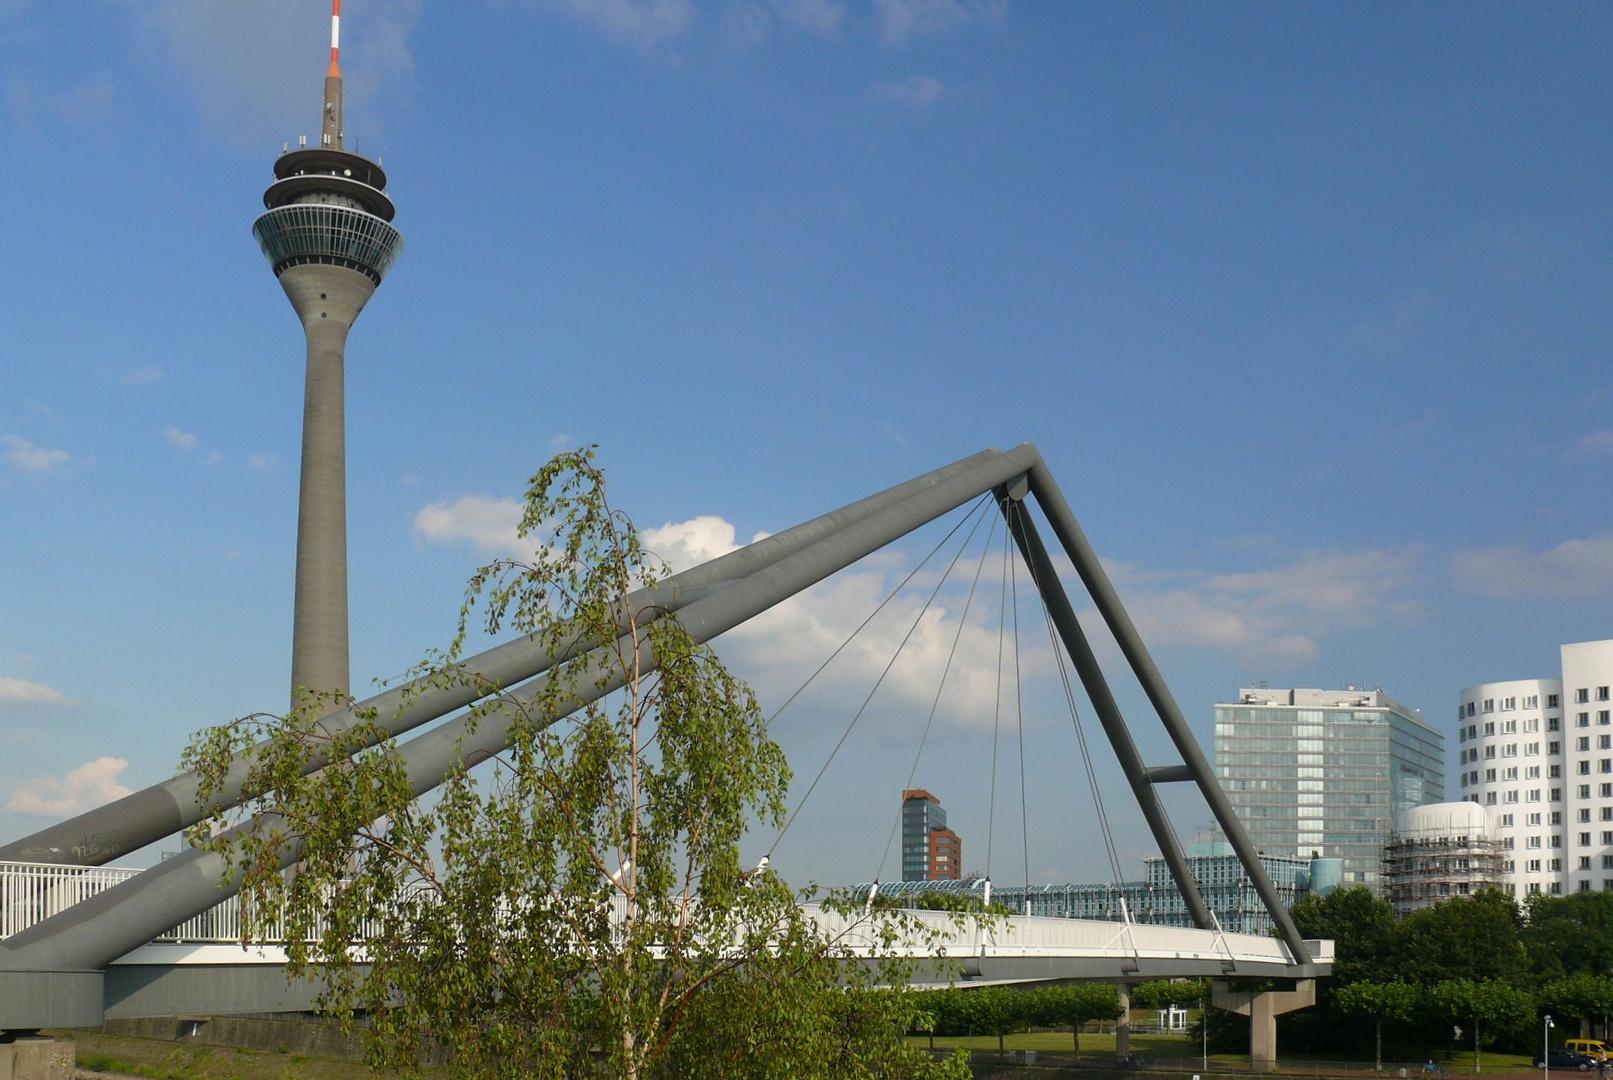 Düsseldorf - Blick durch die Brückenkonstruktion im Medienhafen - reloaded